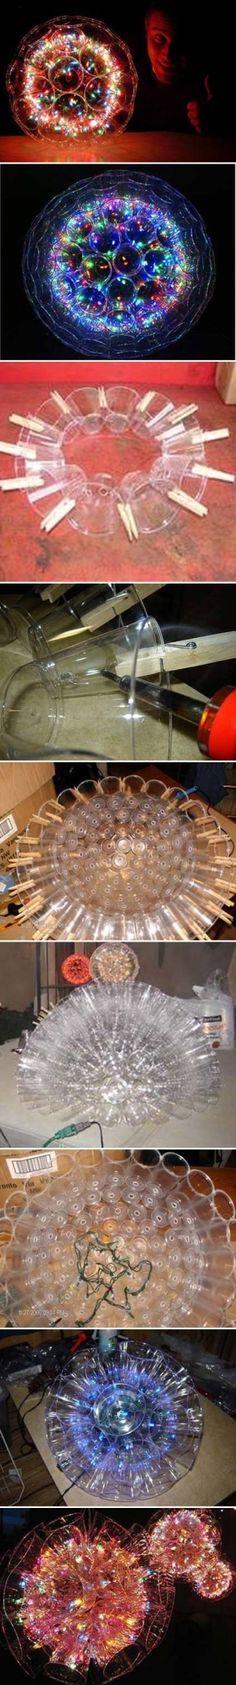 DIY Nice Plastic Cup Lamp DIY Nice Plastic Cup Lamp by diyforever